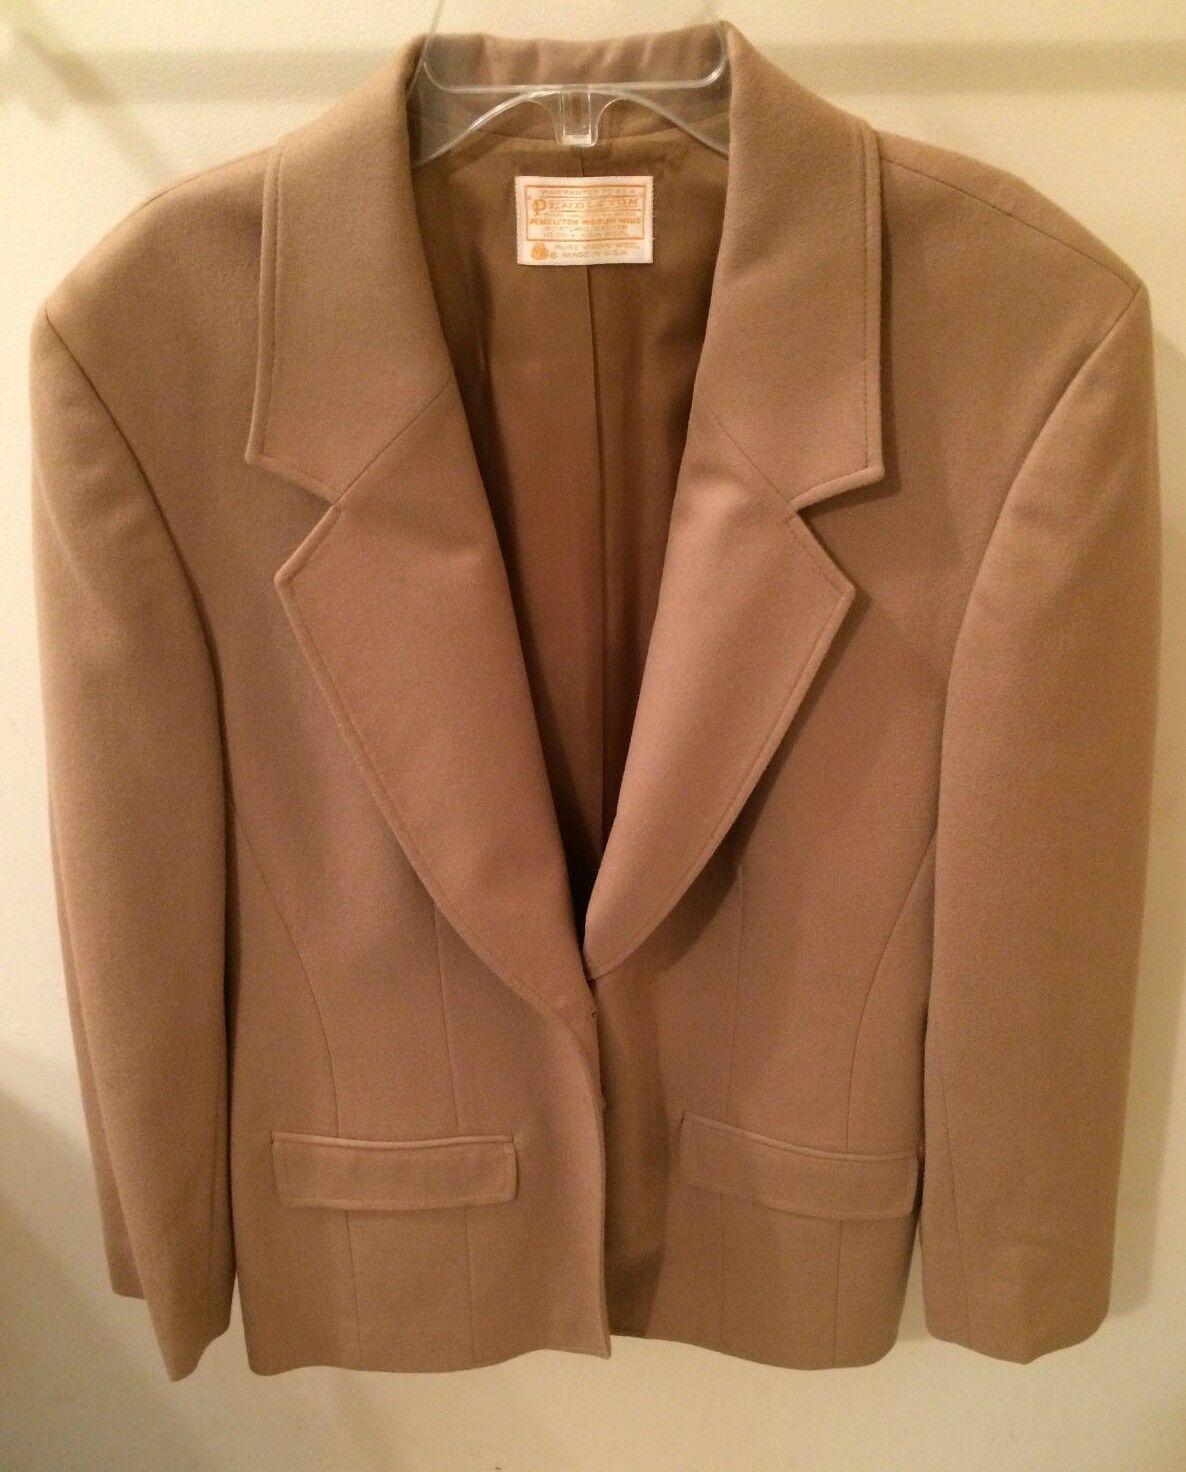 Women's Pendleton Beige Lined Blazer USA 100% Virgin Wool Bust 41